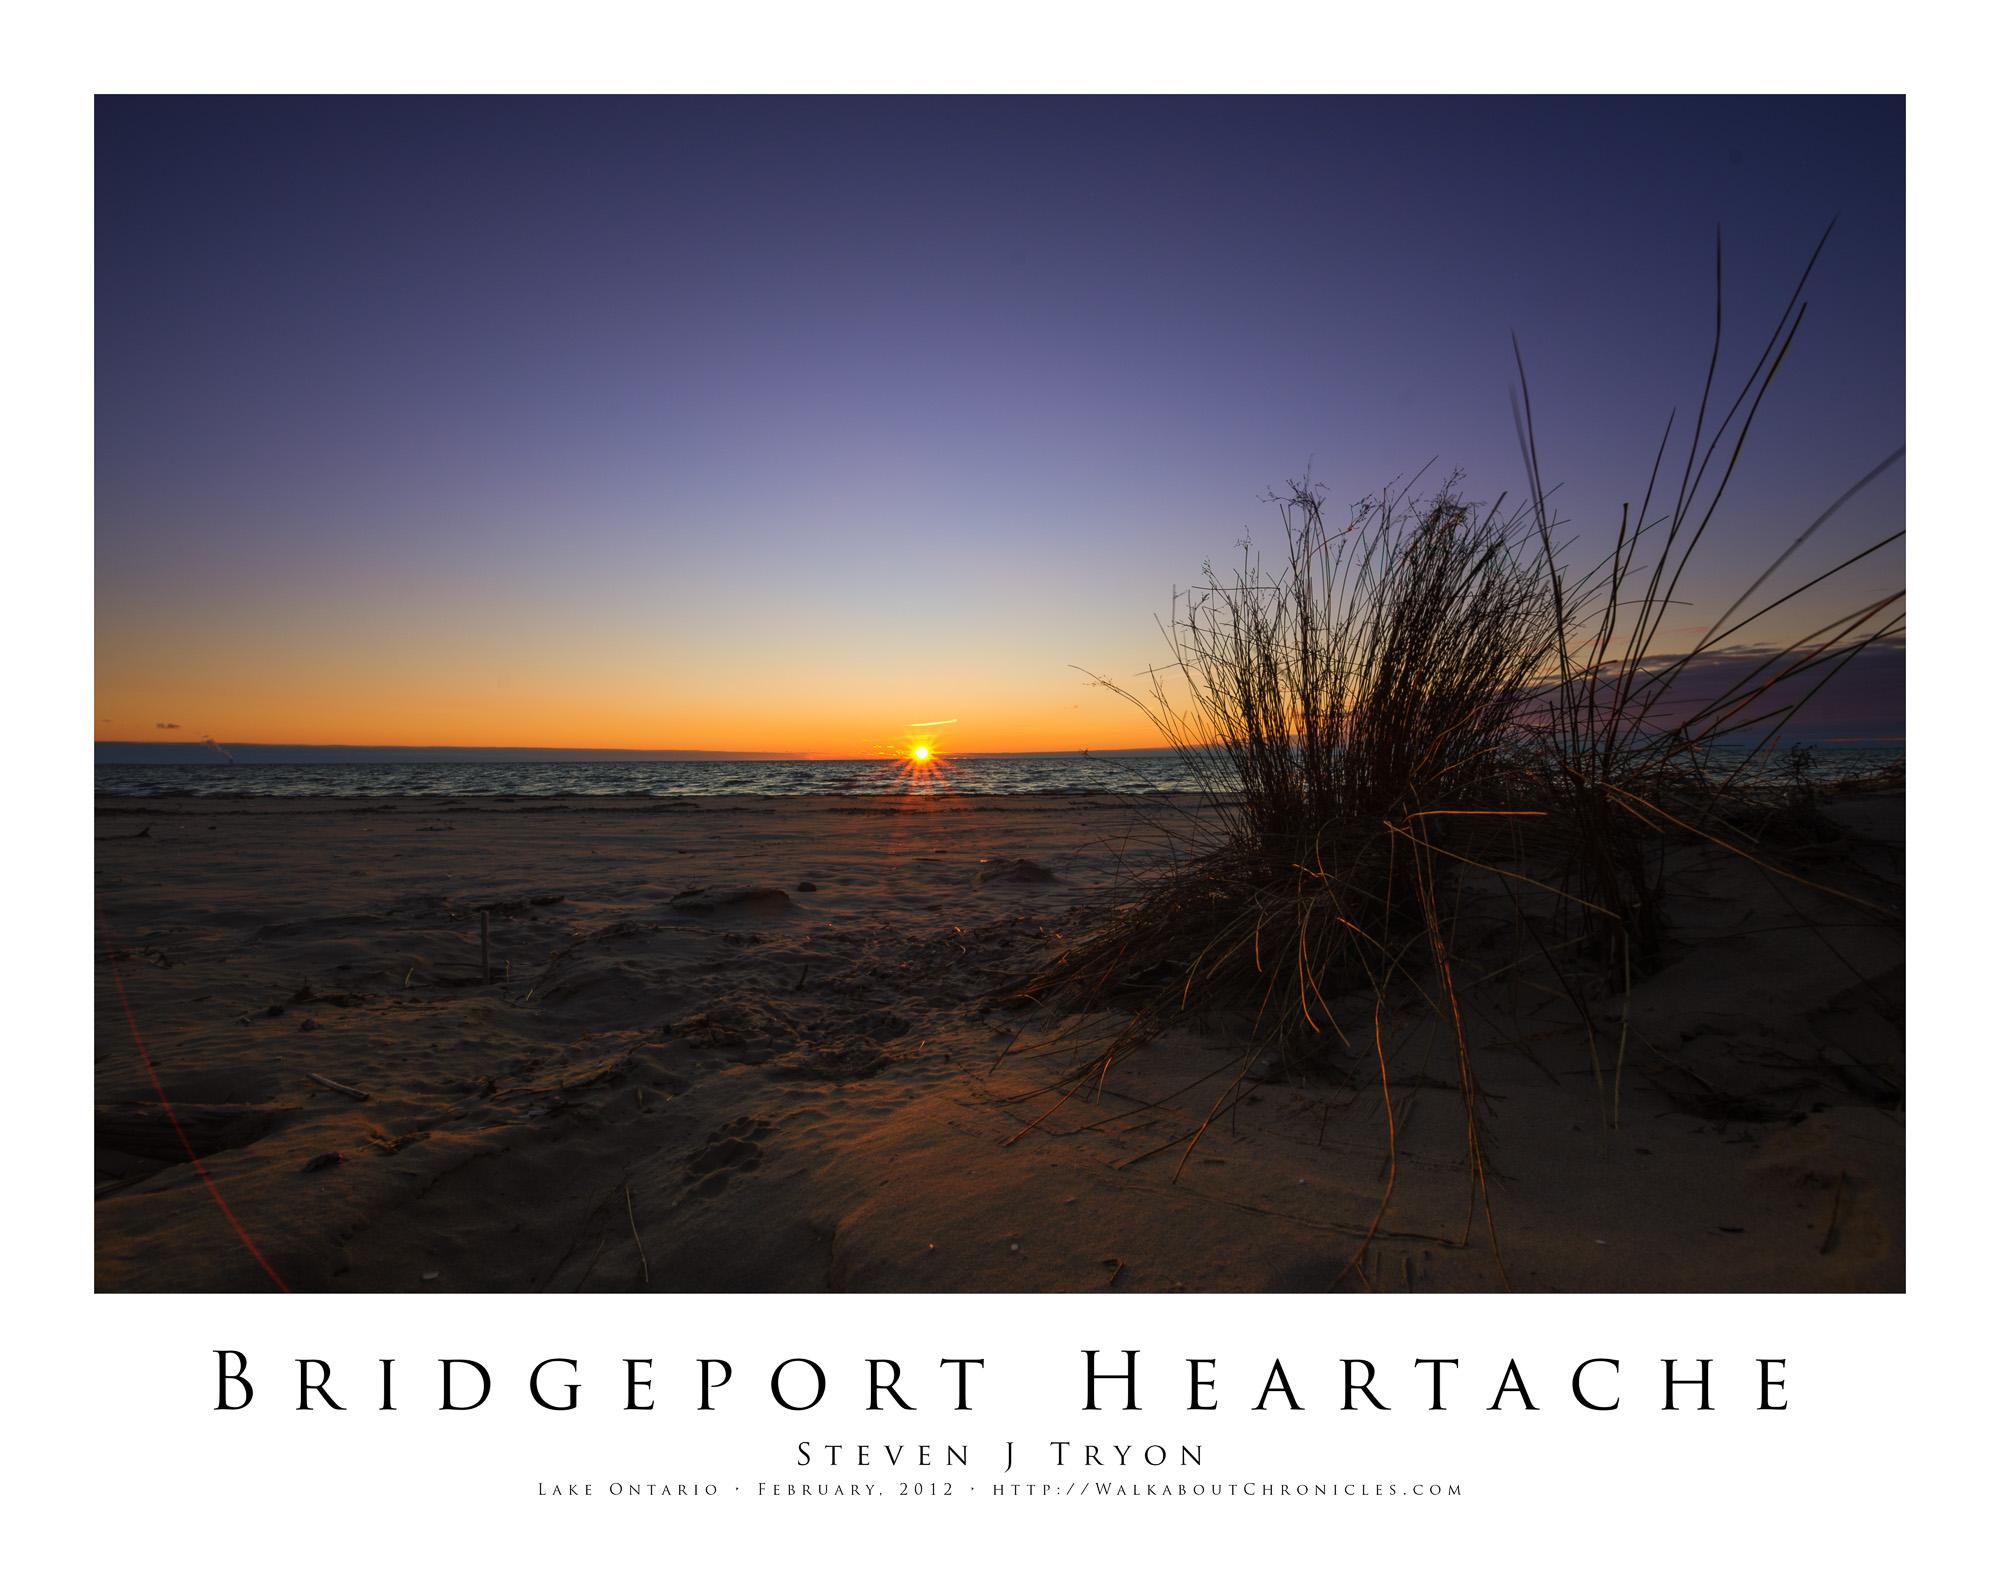 Bridgeport Heartache